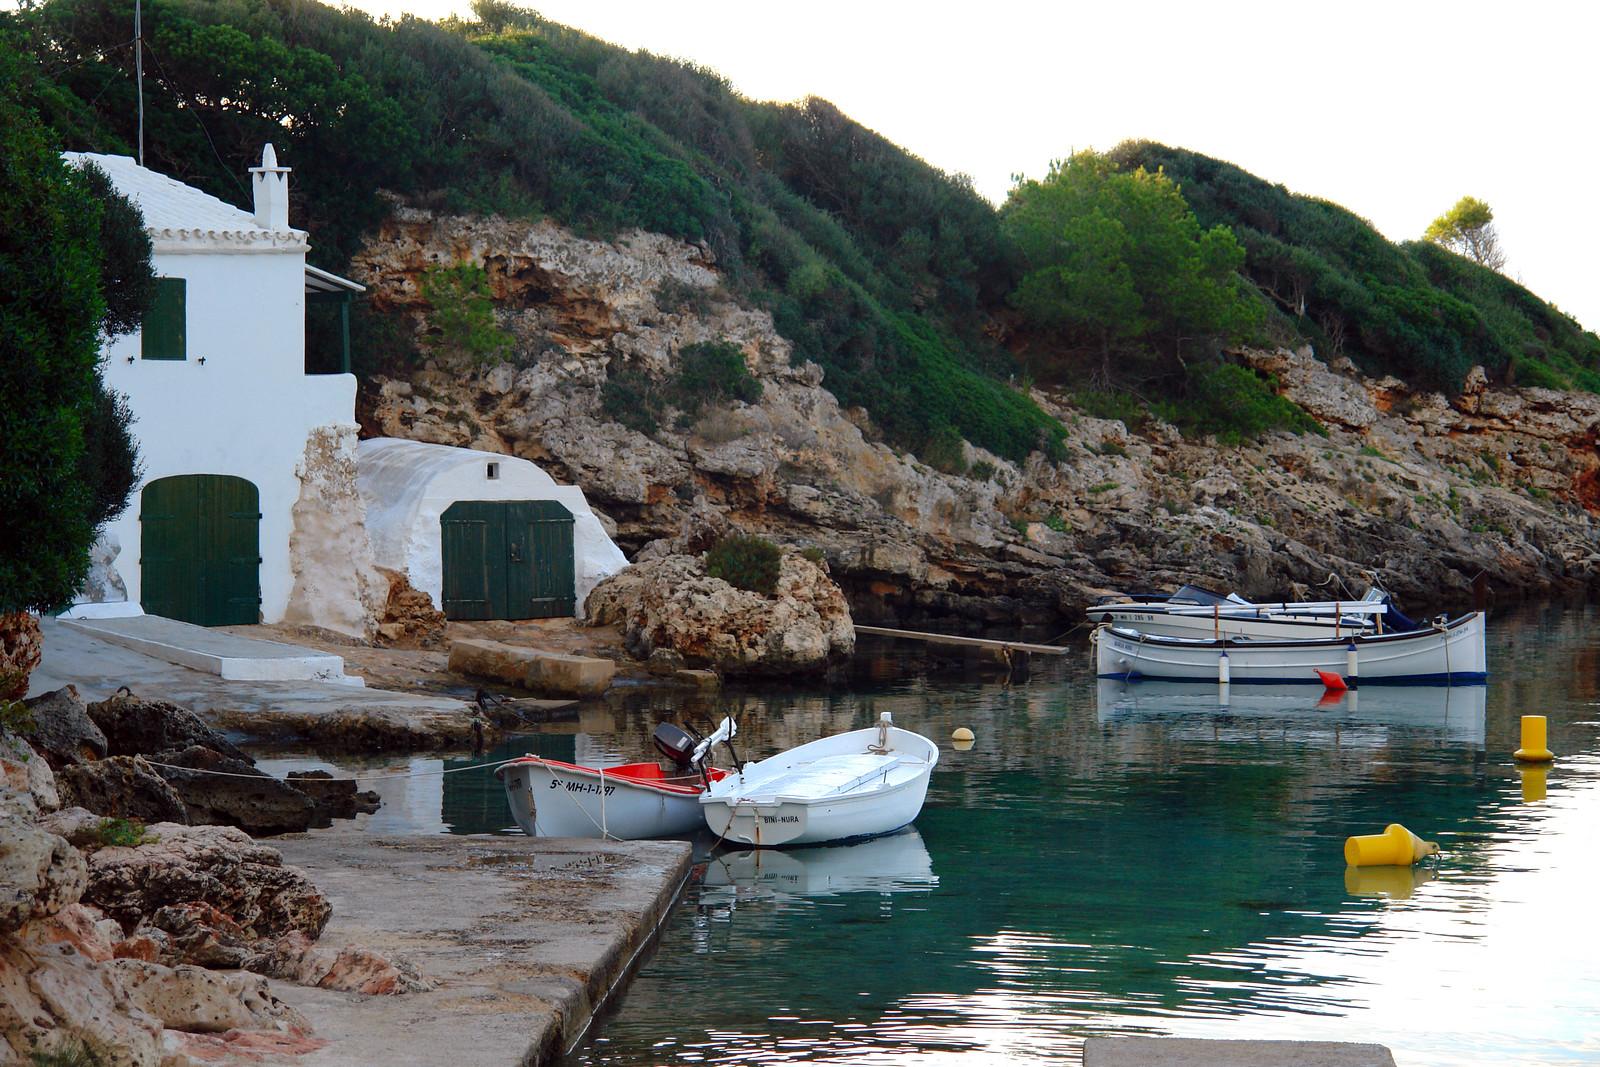 Qué ver en Menorca, Islas Baleares - thewotme qué ver en menorca - 50046799506 acf4878db2 h - Qué ver en Menorca, lugares a NO perderse